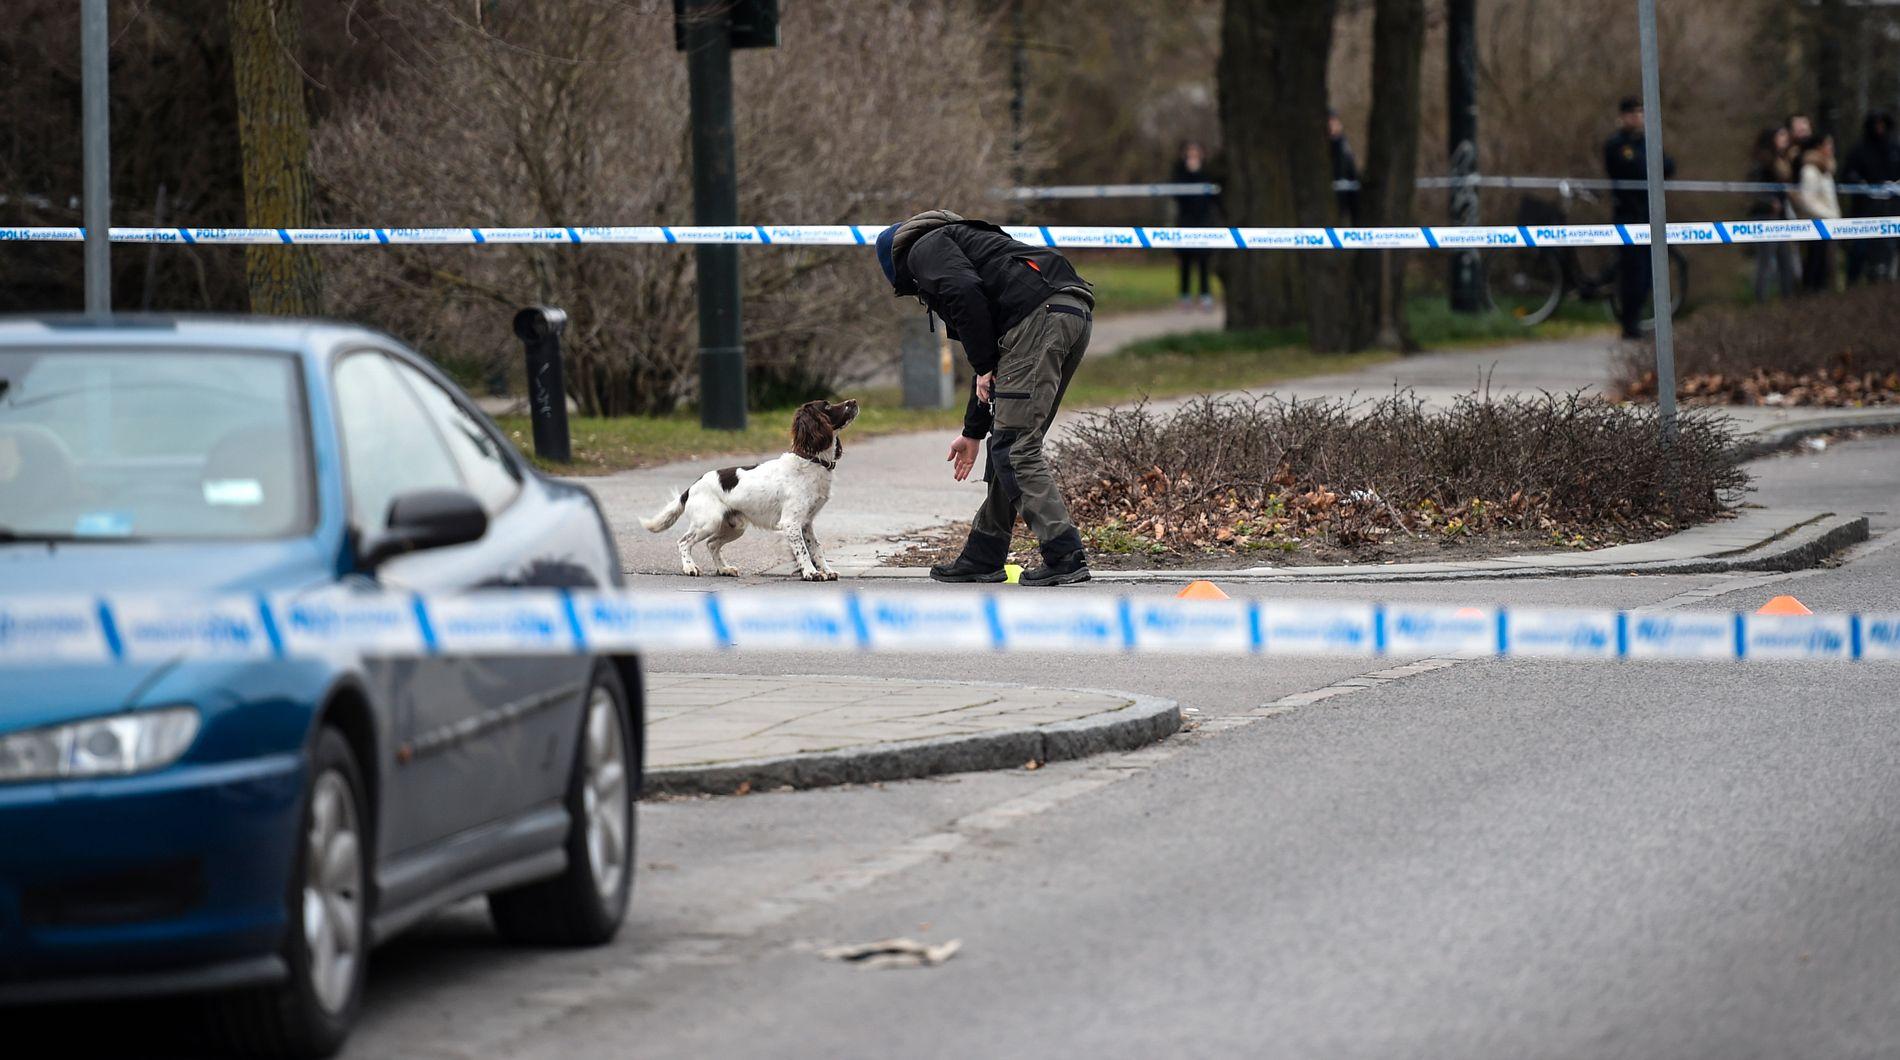 SKUTT I MALMÖ: Politi med hund søker på Ystadvägen i Malmö, etter at en person ble skadet i en skyteepisode utenfor en restaurant i mars 2017.